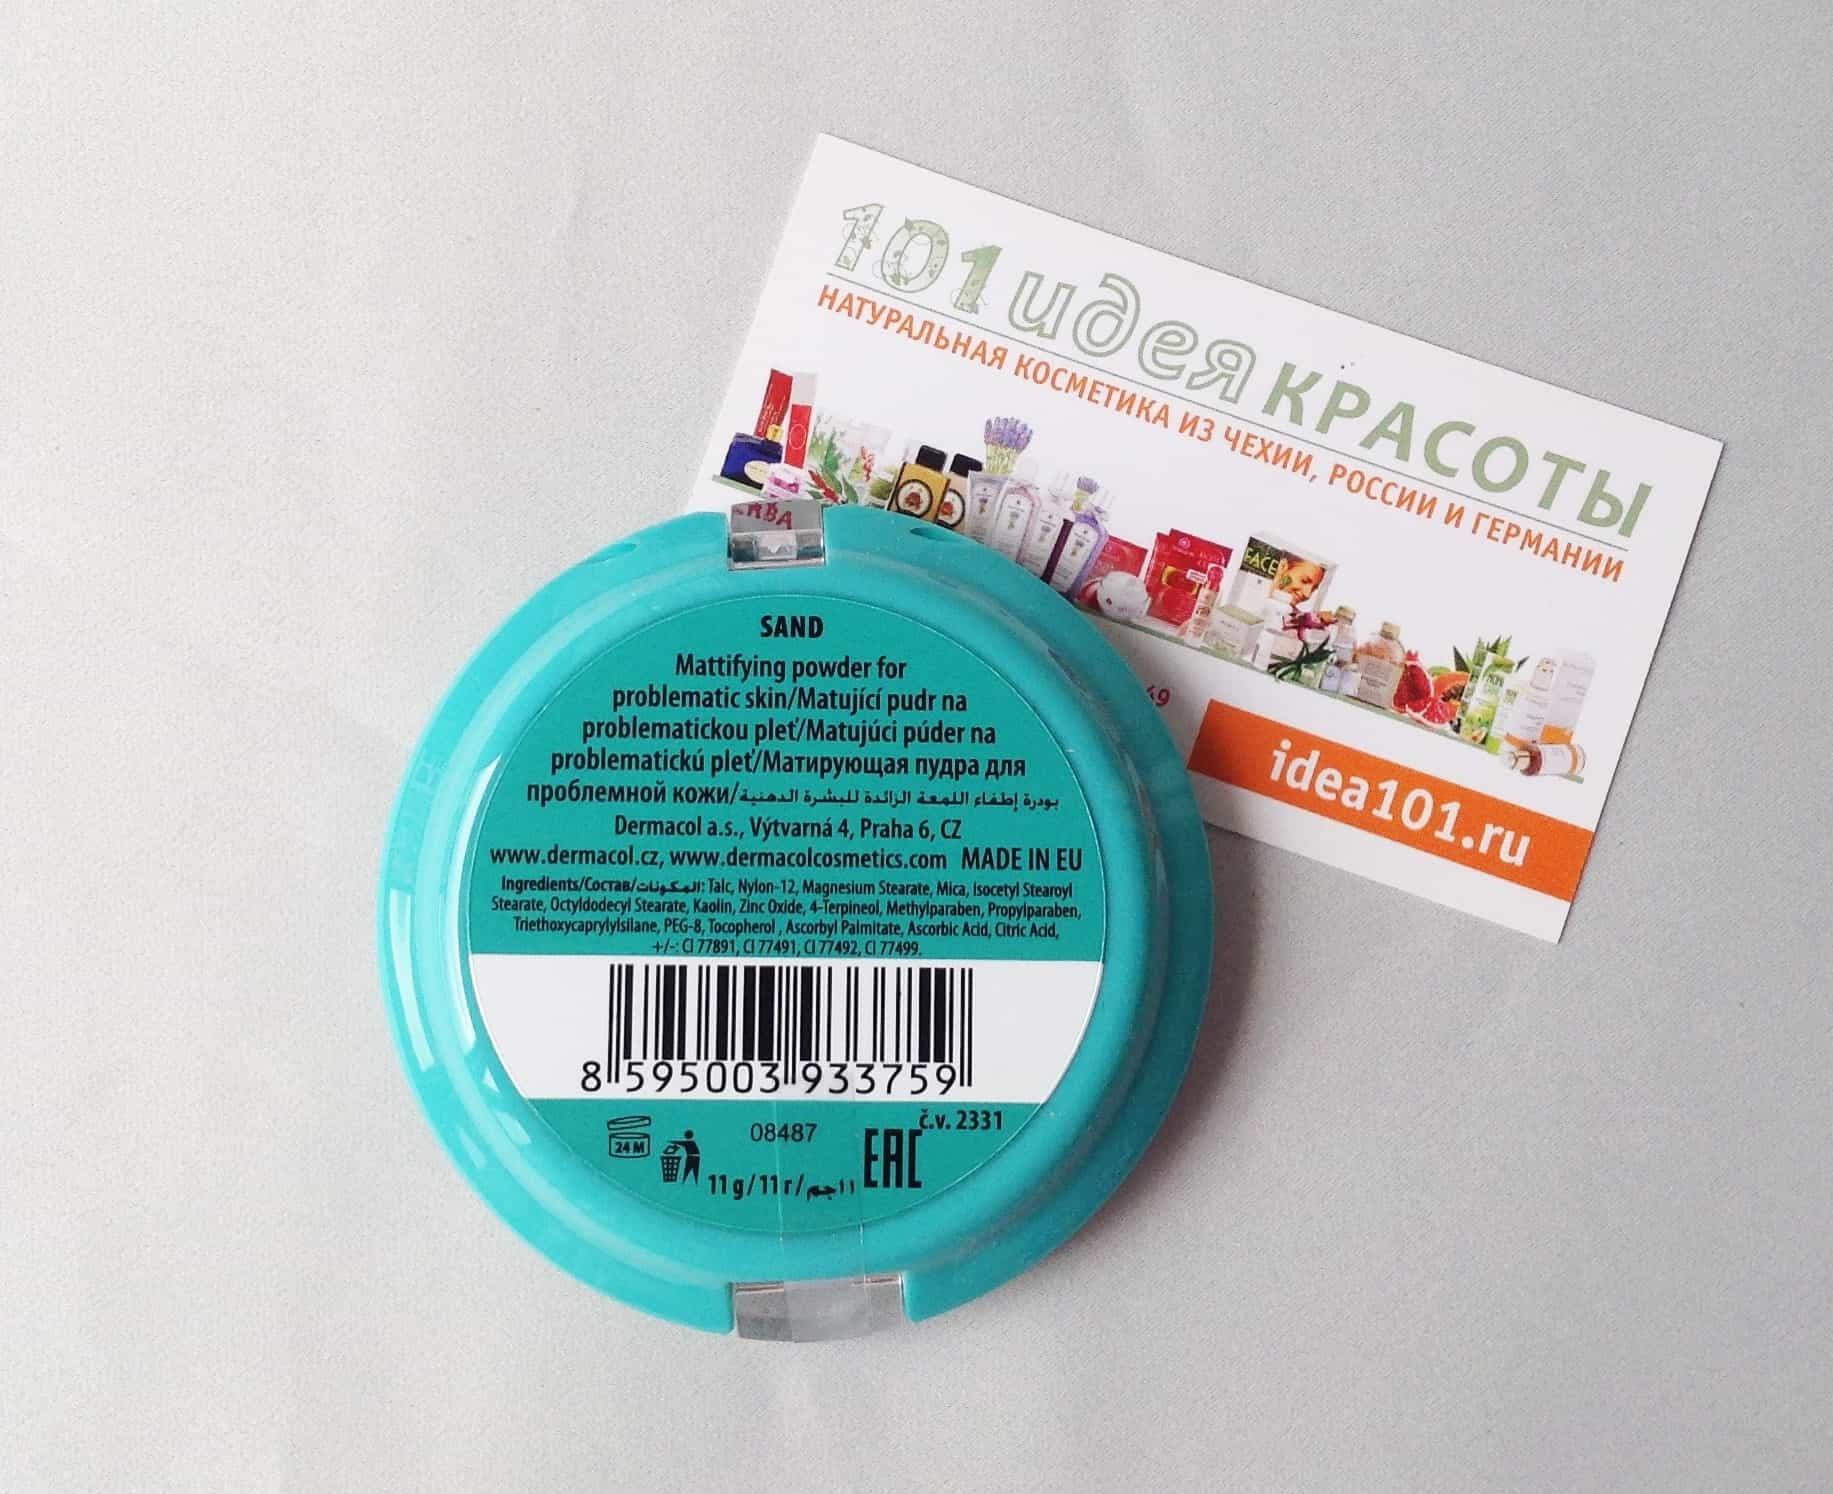 Dermacol Acnecover Mattifying Powder Компактная пудра с антибактериальным эффектом для проблемной кожи, 11мл